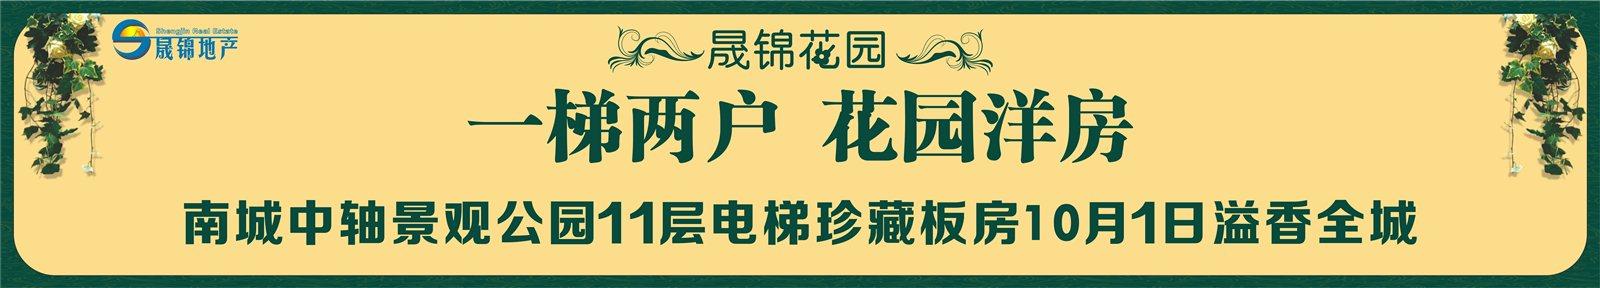 镇雄晟锦花园